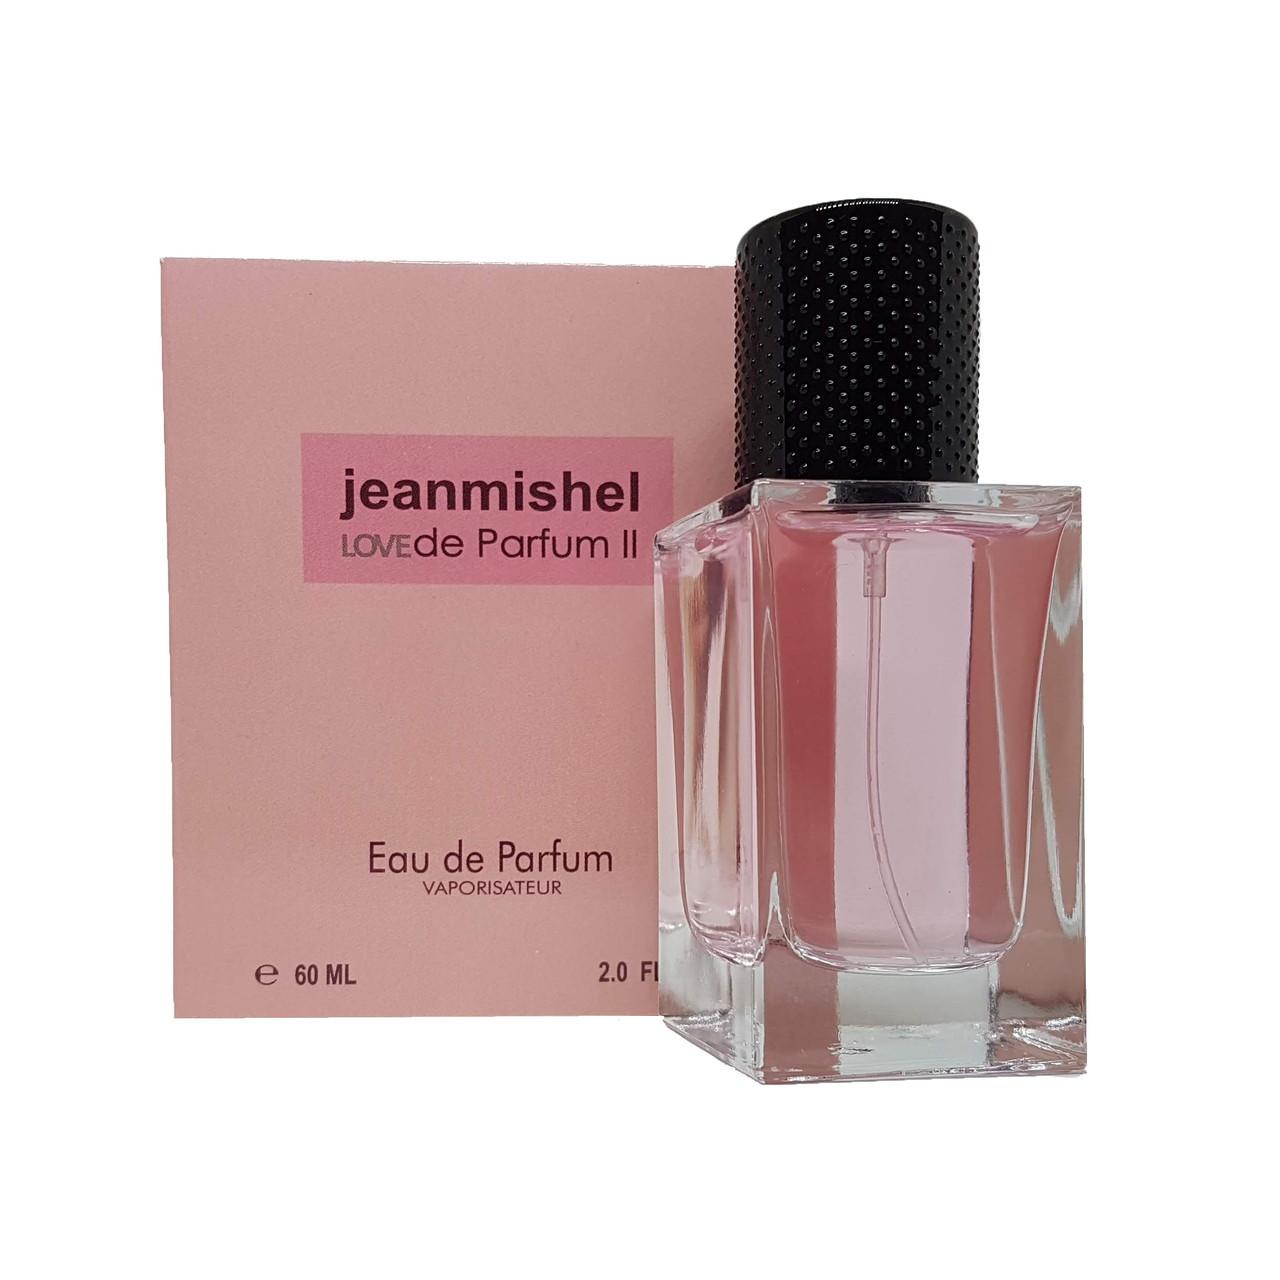 Jeanmishel Love de Parfum 2 (42) 60ml